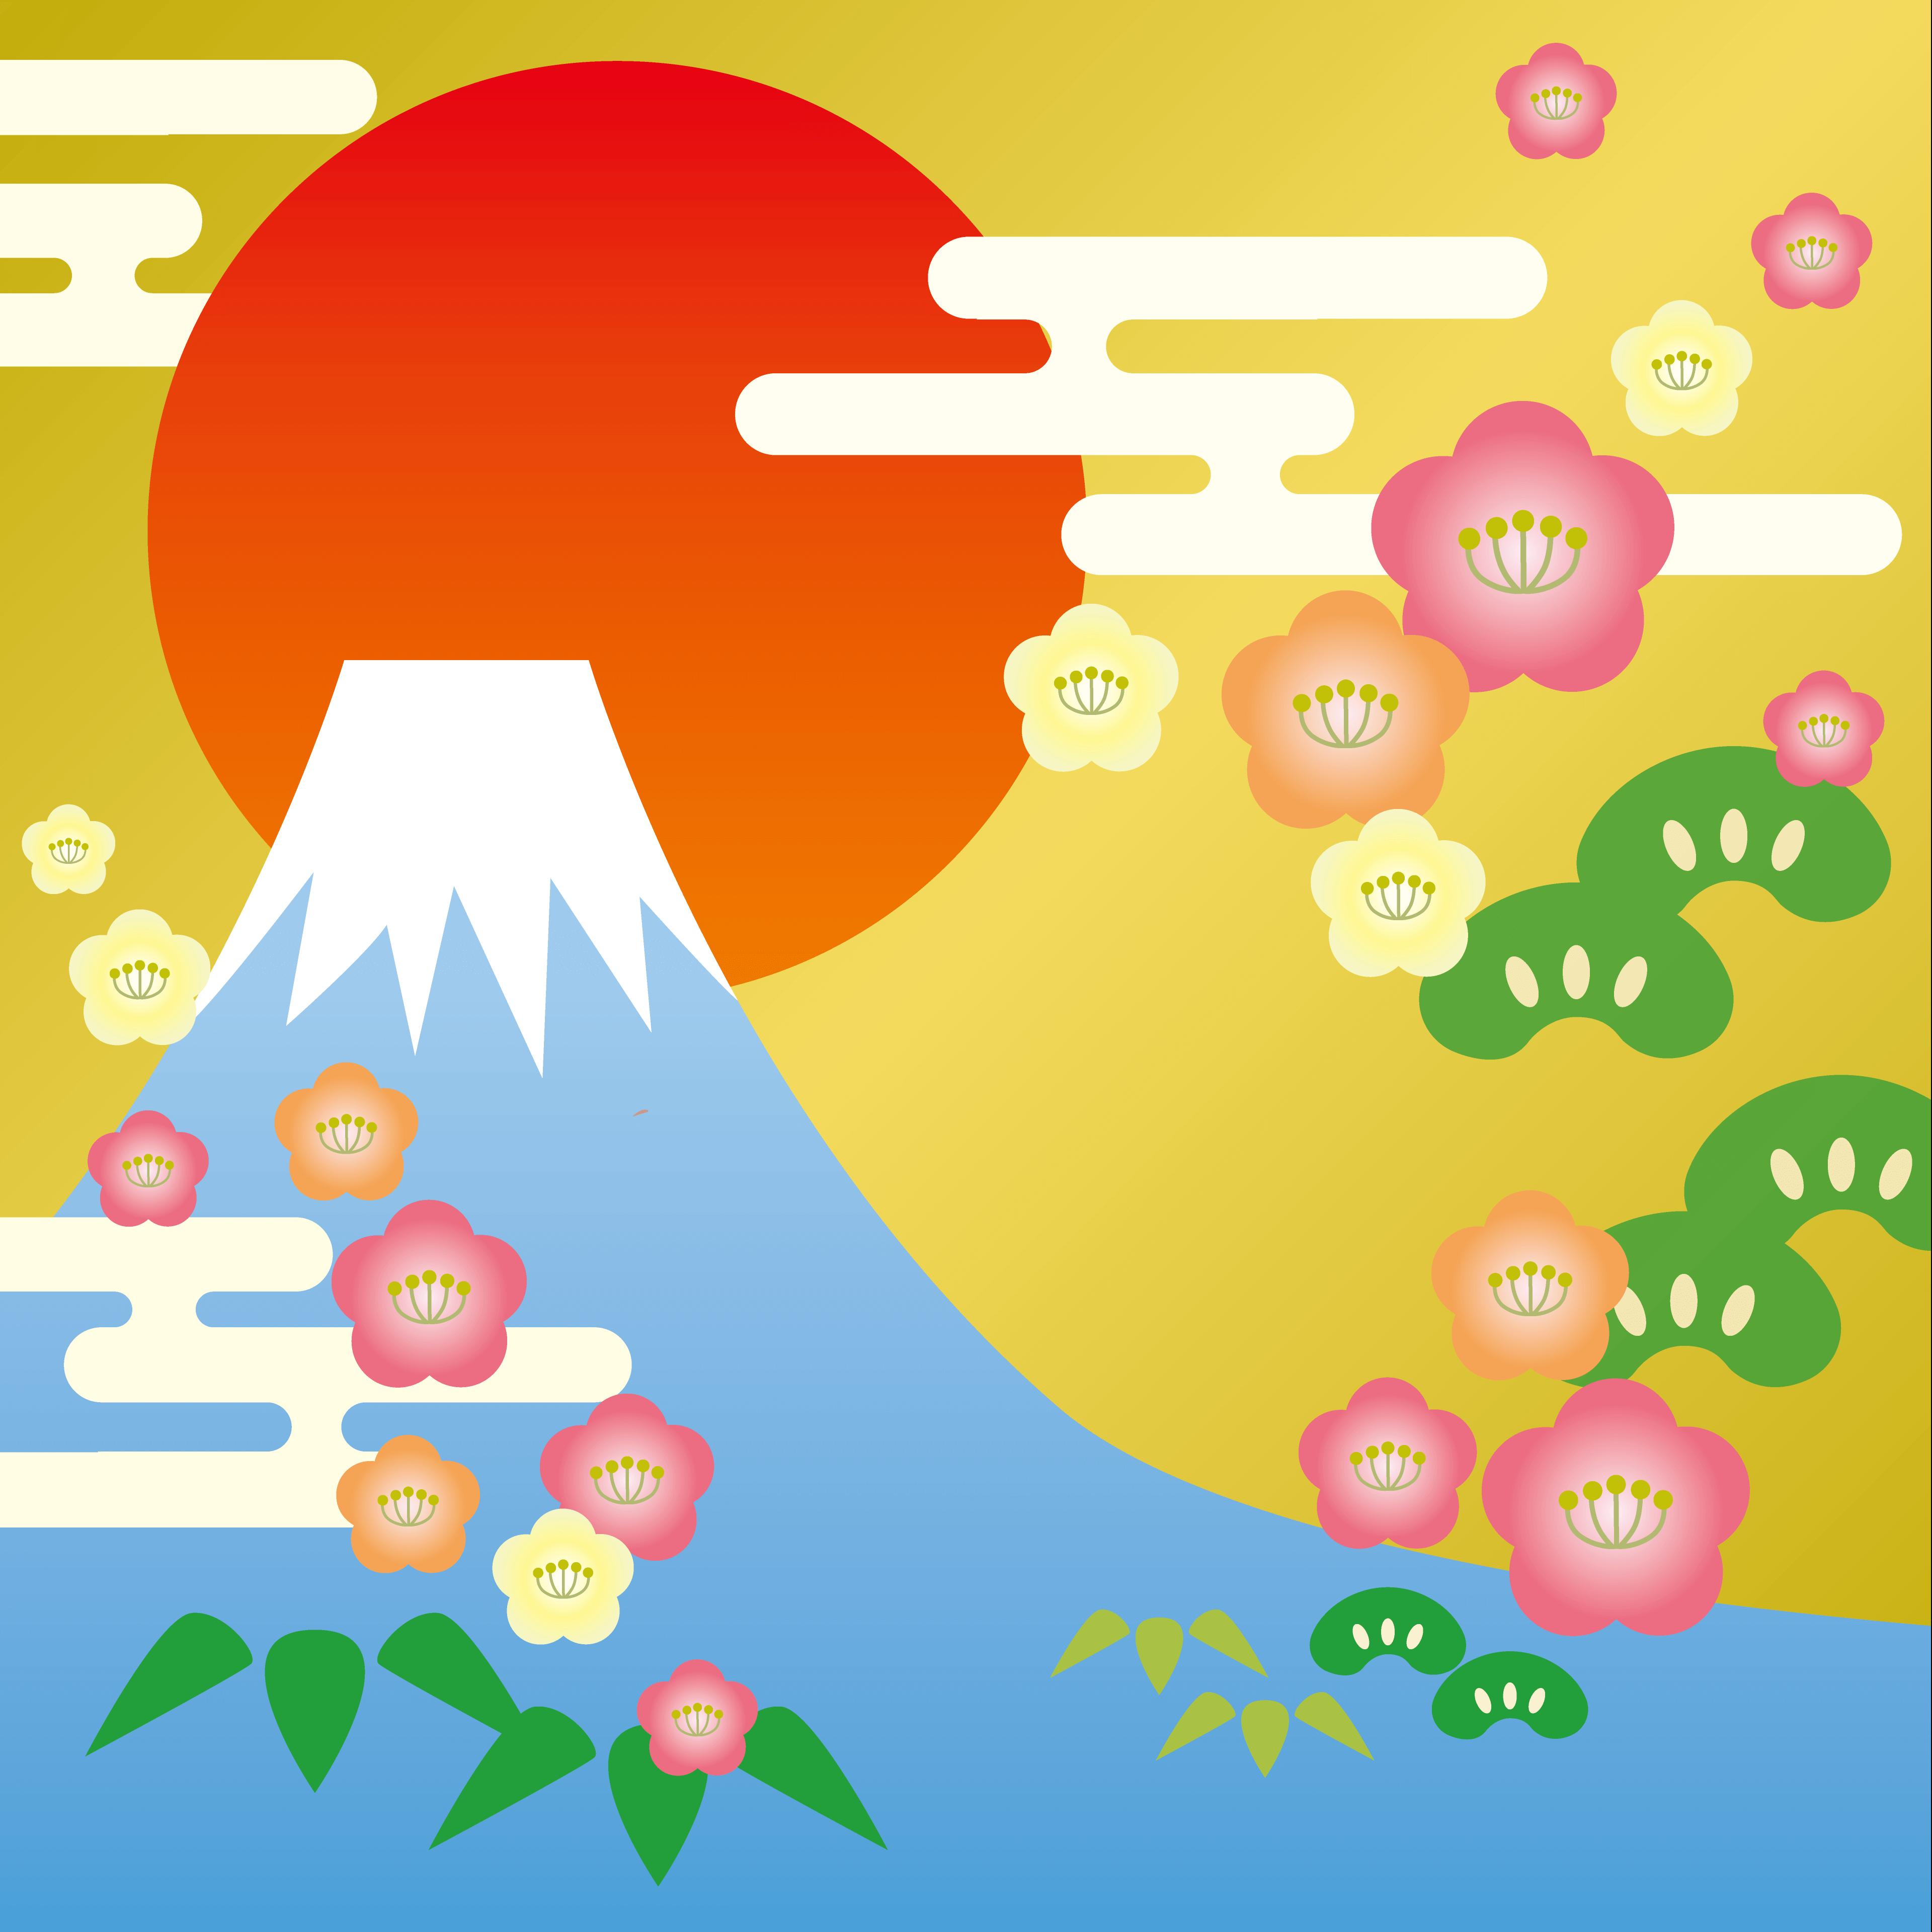 大 納会 2019 東証 【凄腕アナリスト ザ・覆面】2020年のトピックスは「東芝」の東証1部復帰か